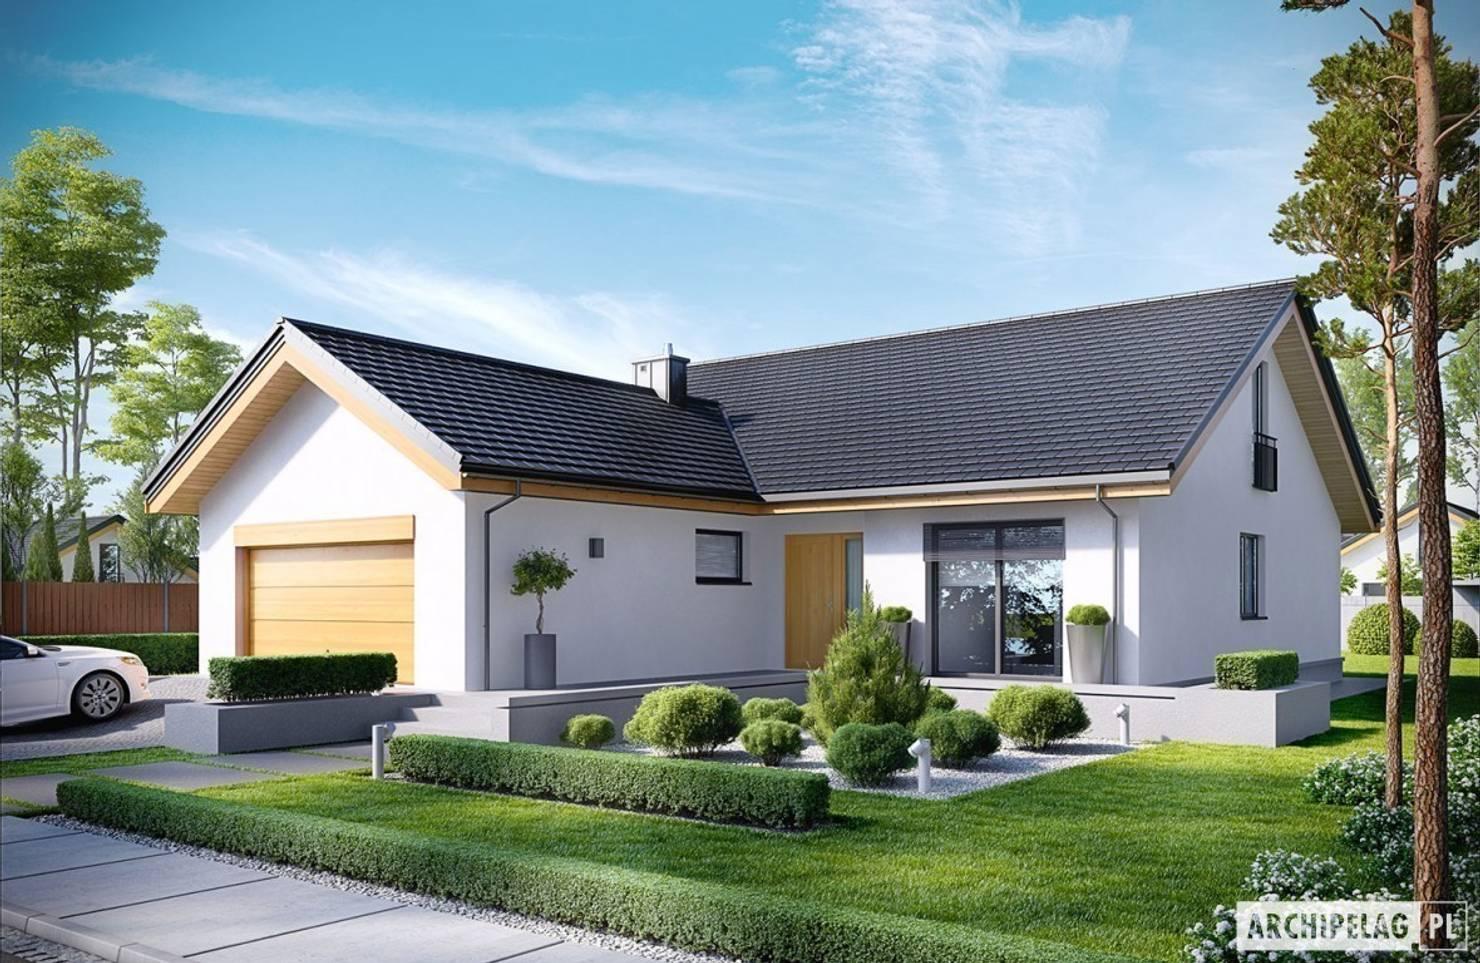 온 가족의 소망을 가득 담아 계획하는 단독주택 디자인